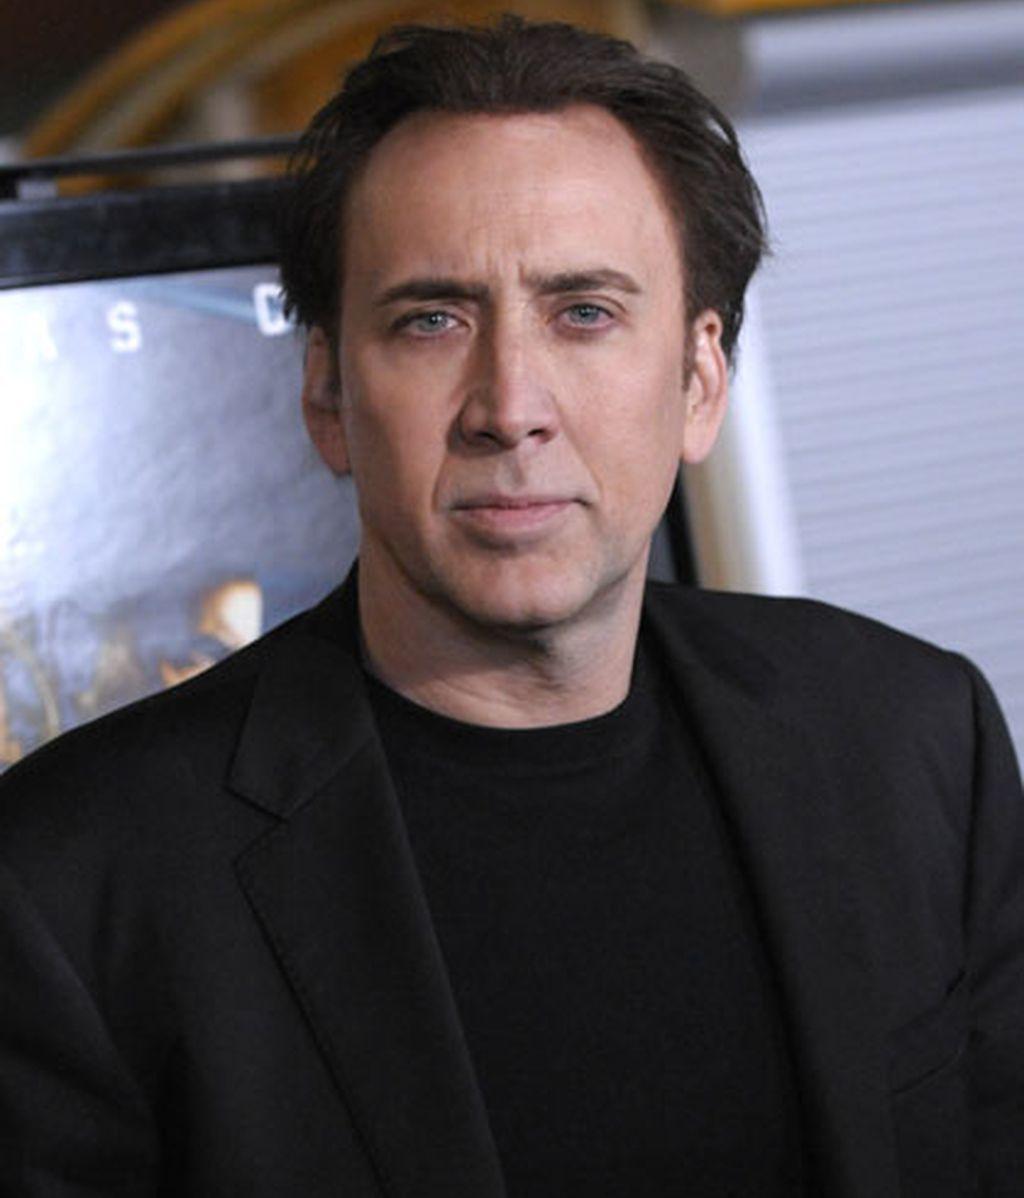 Nicolas Cage = Nicolas Coppola